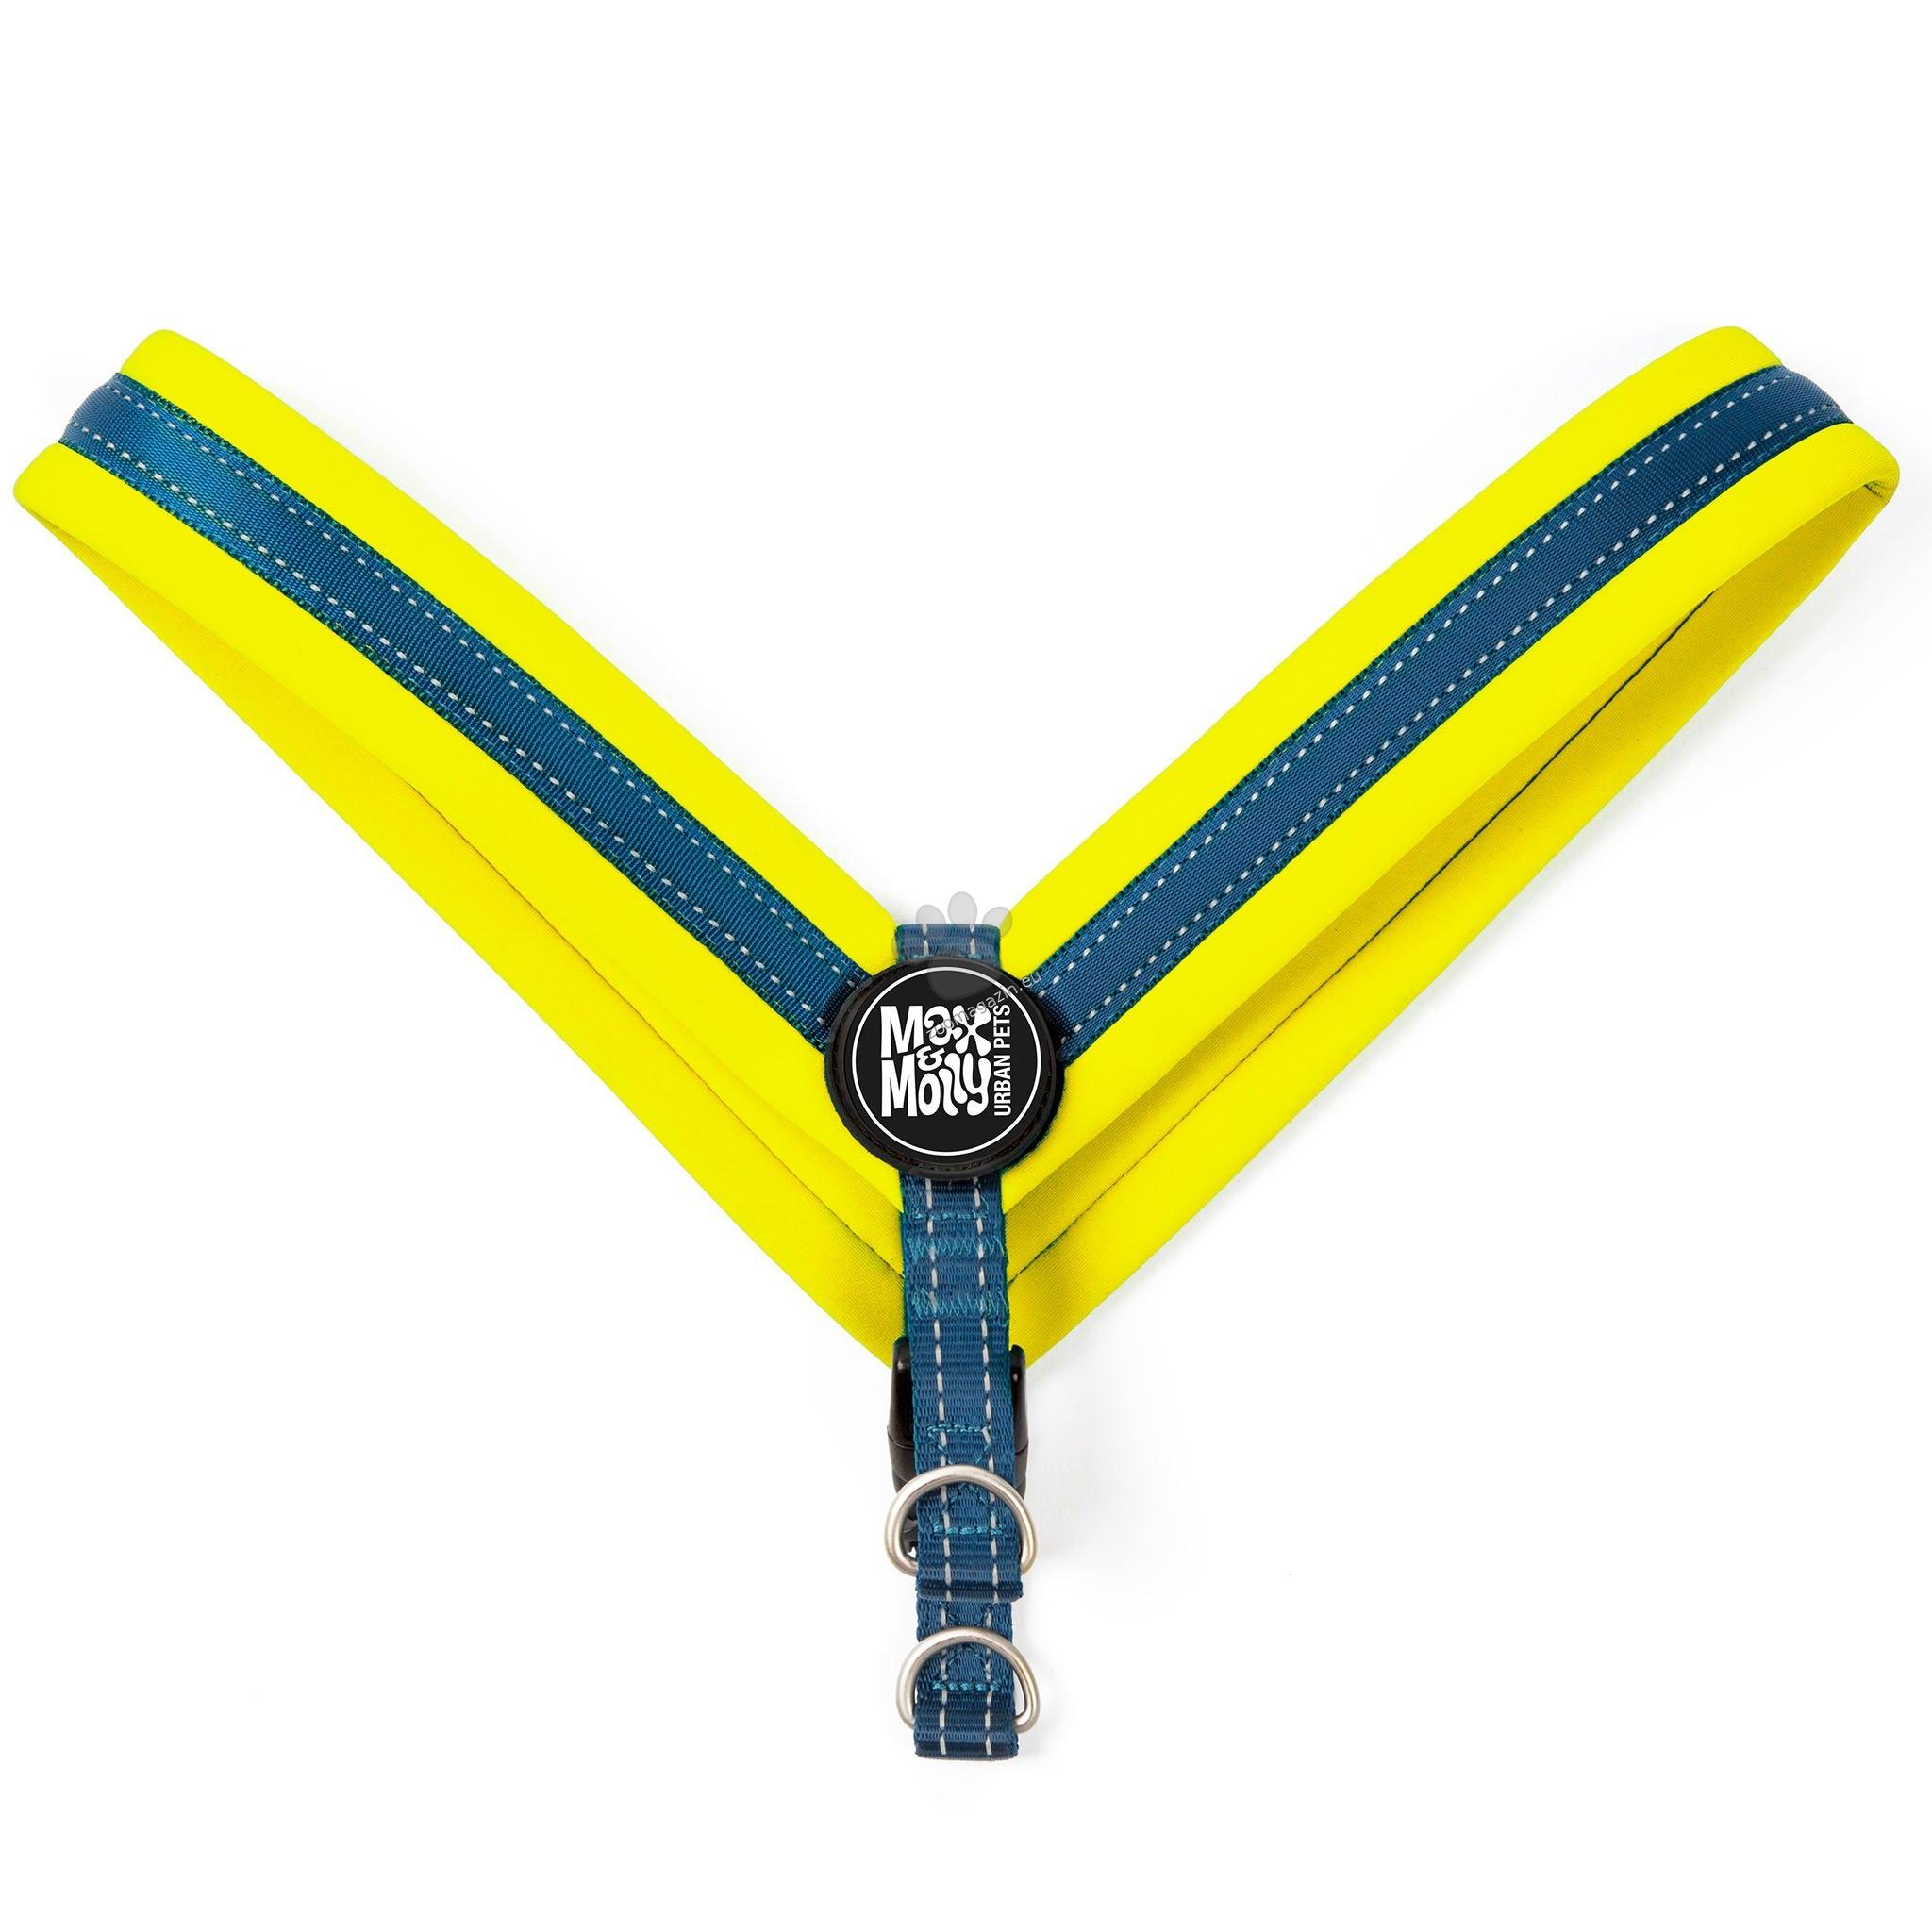 Max Molly H-Harness Q-Fit Yellow S - нагръдник за кучета с обиколка на гърдите 33 - 37 см.